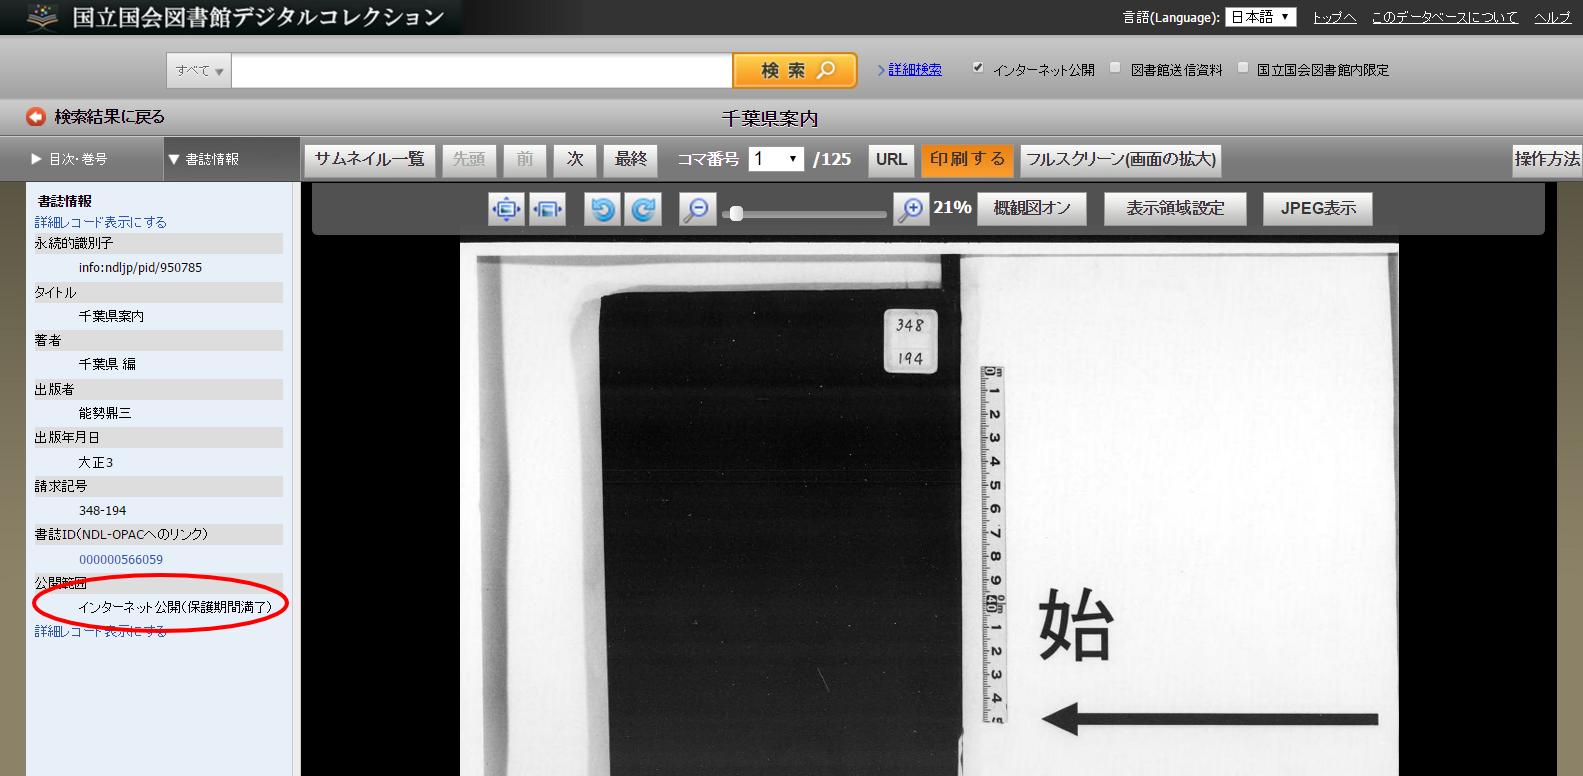 国立国会図書館デジタルコレクション   千葉県案内_top.png